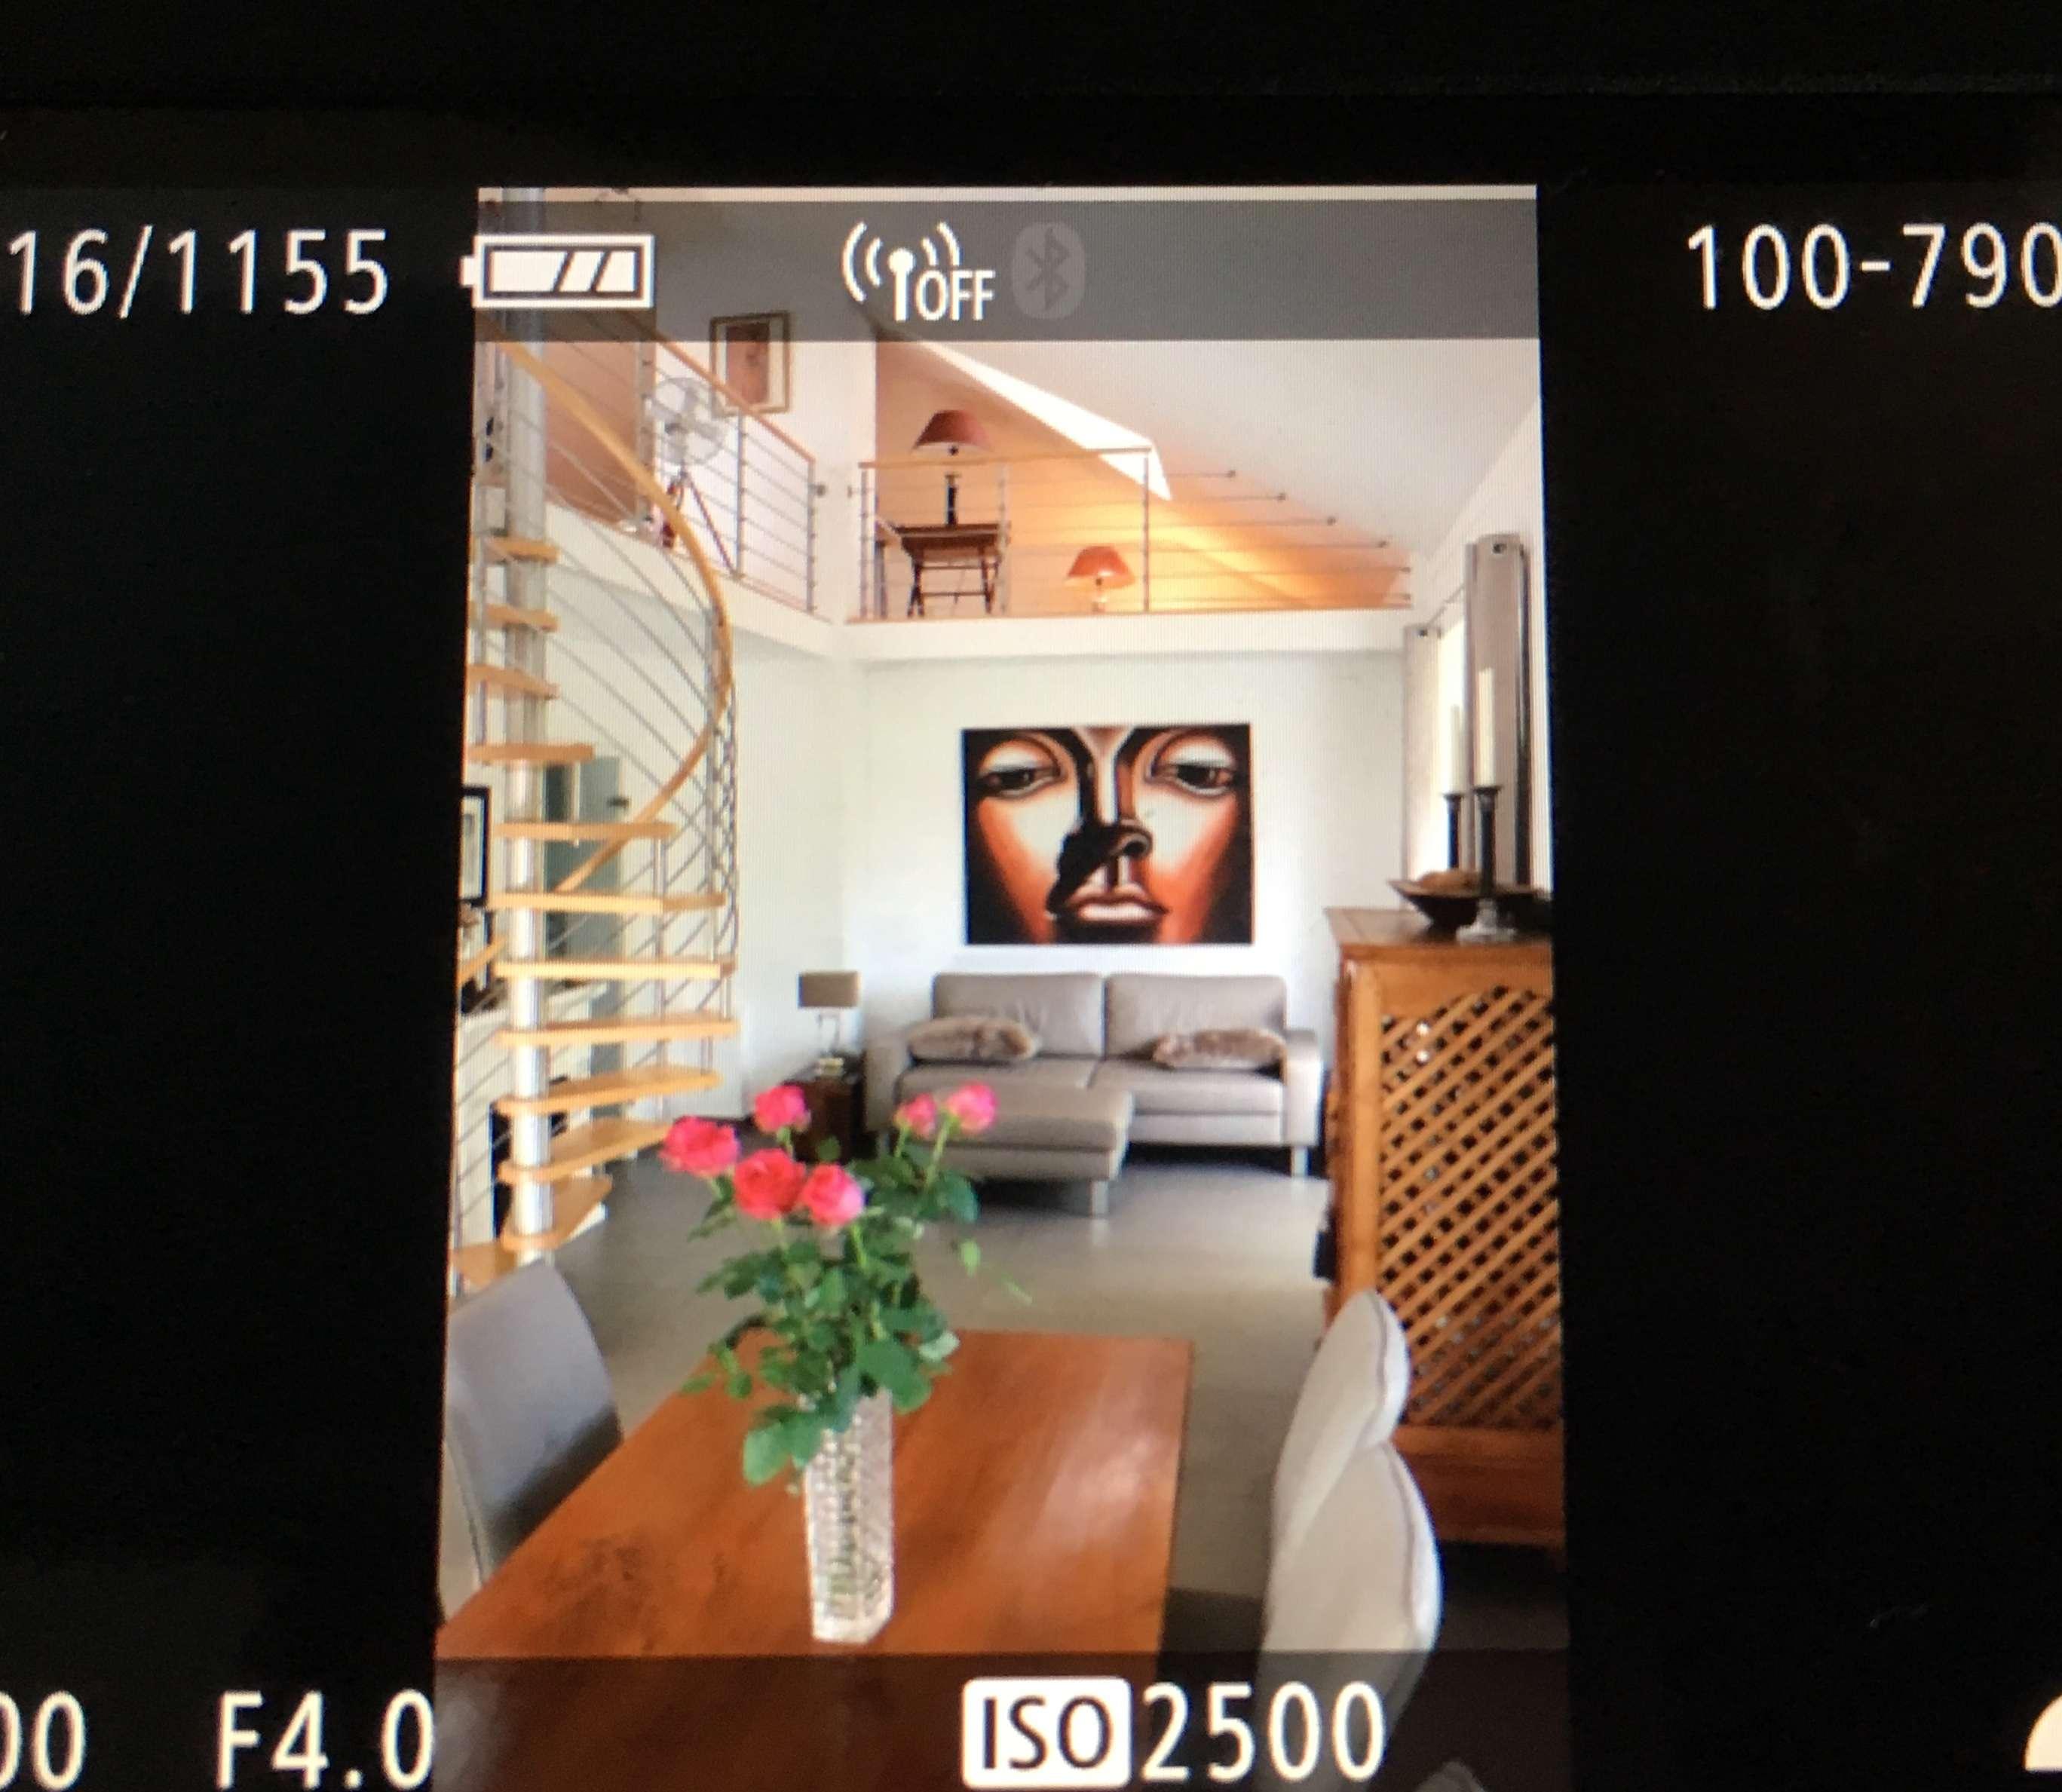 Traum - Dachterassen -Galeriewohnung  drei Zimmer,  nahe Ortszentrum Gräfelfing in Gräfelfing